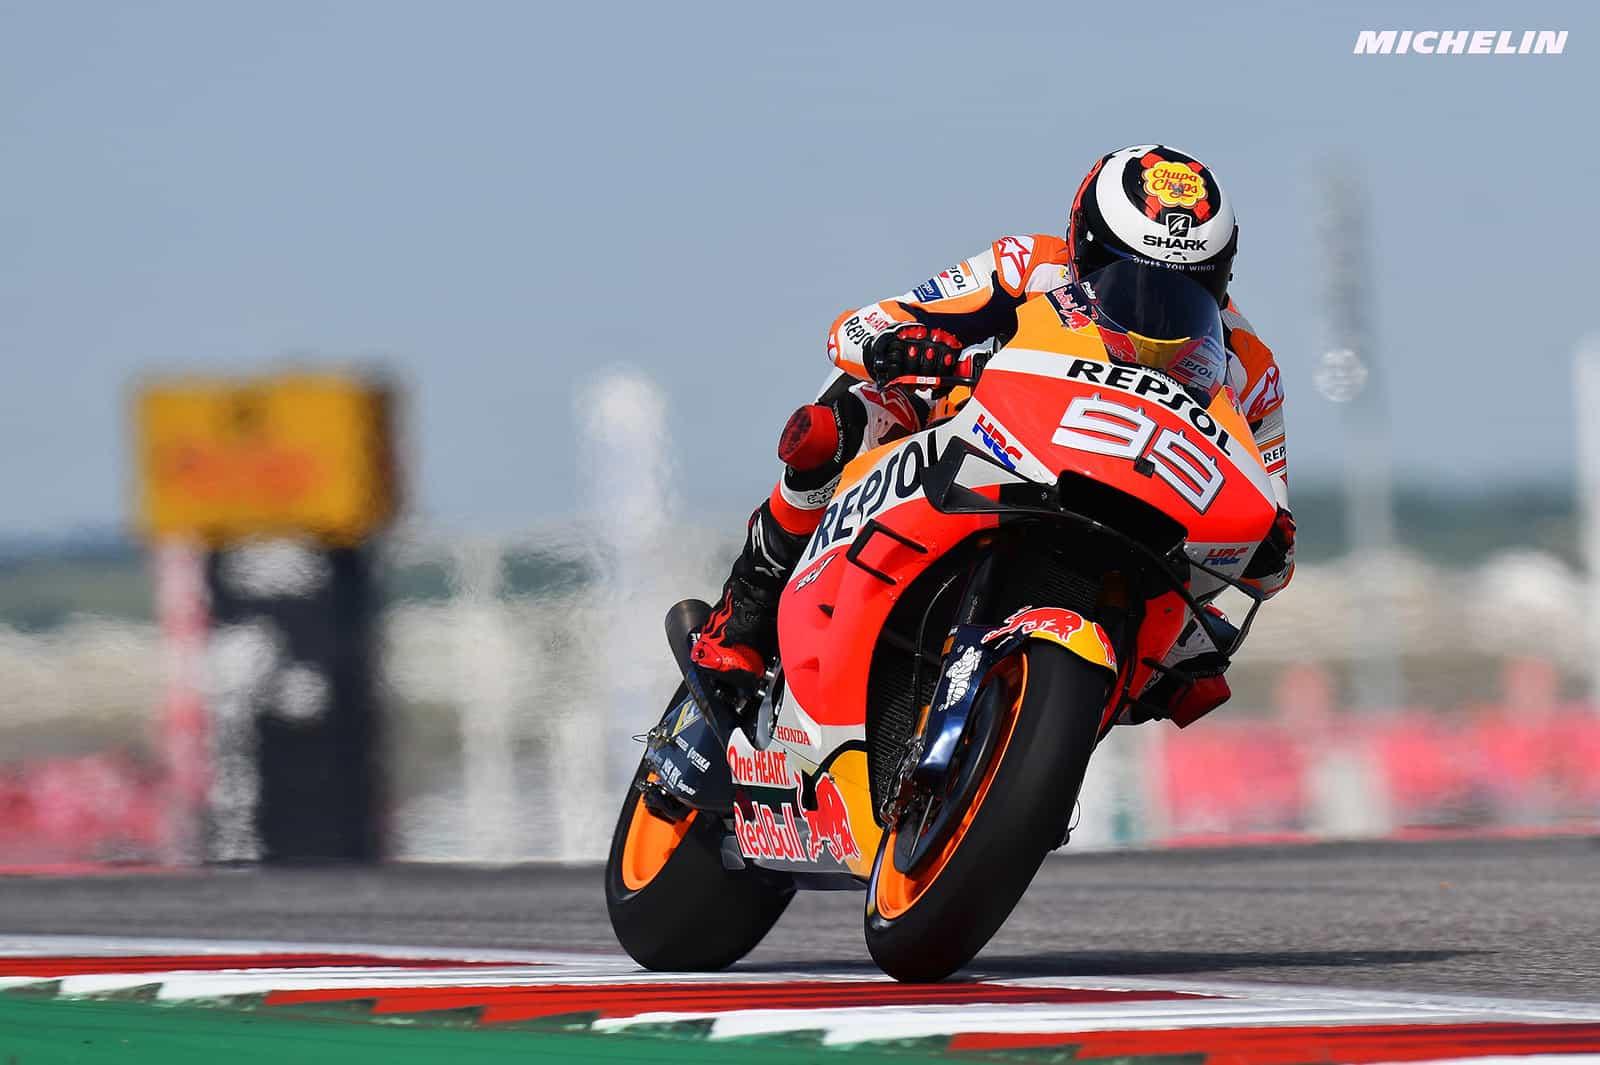 MotoGP2019ヘレスGP ロレンソ「シーズン開幕からヘレスのことを考えてきた」